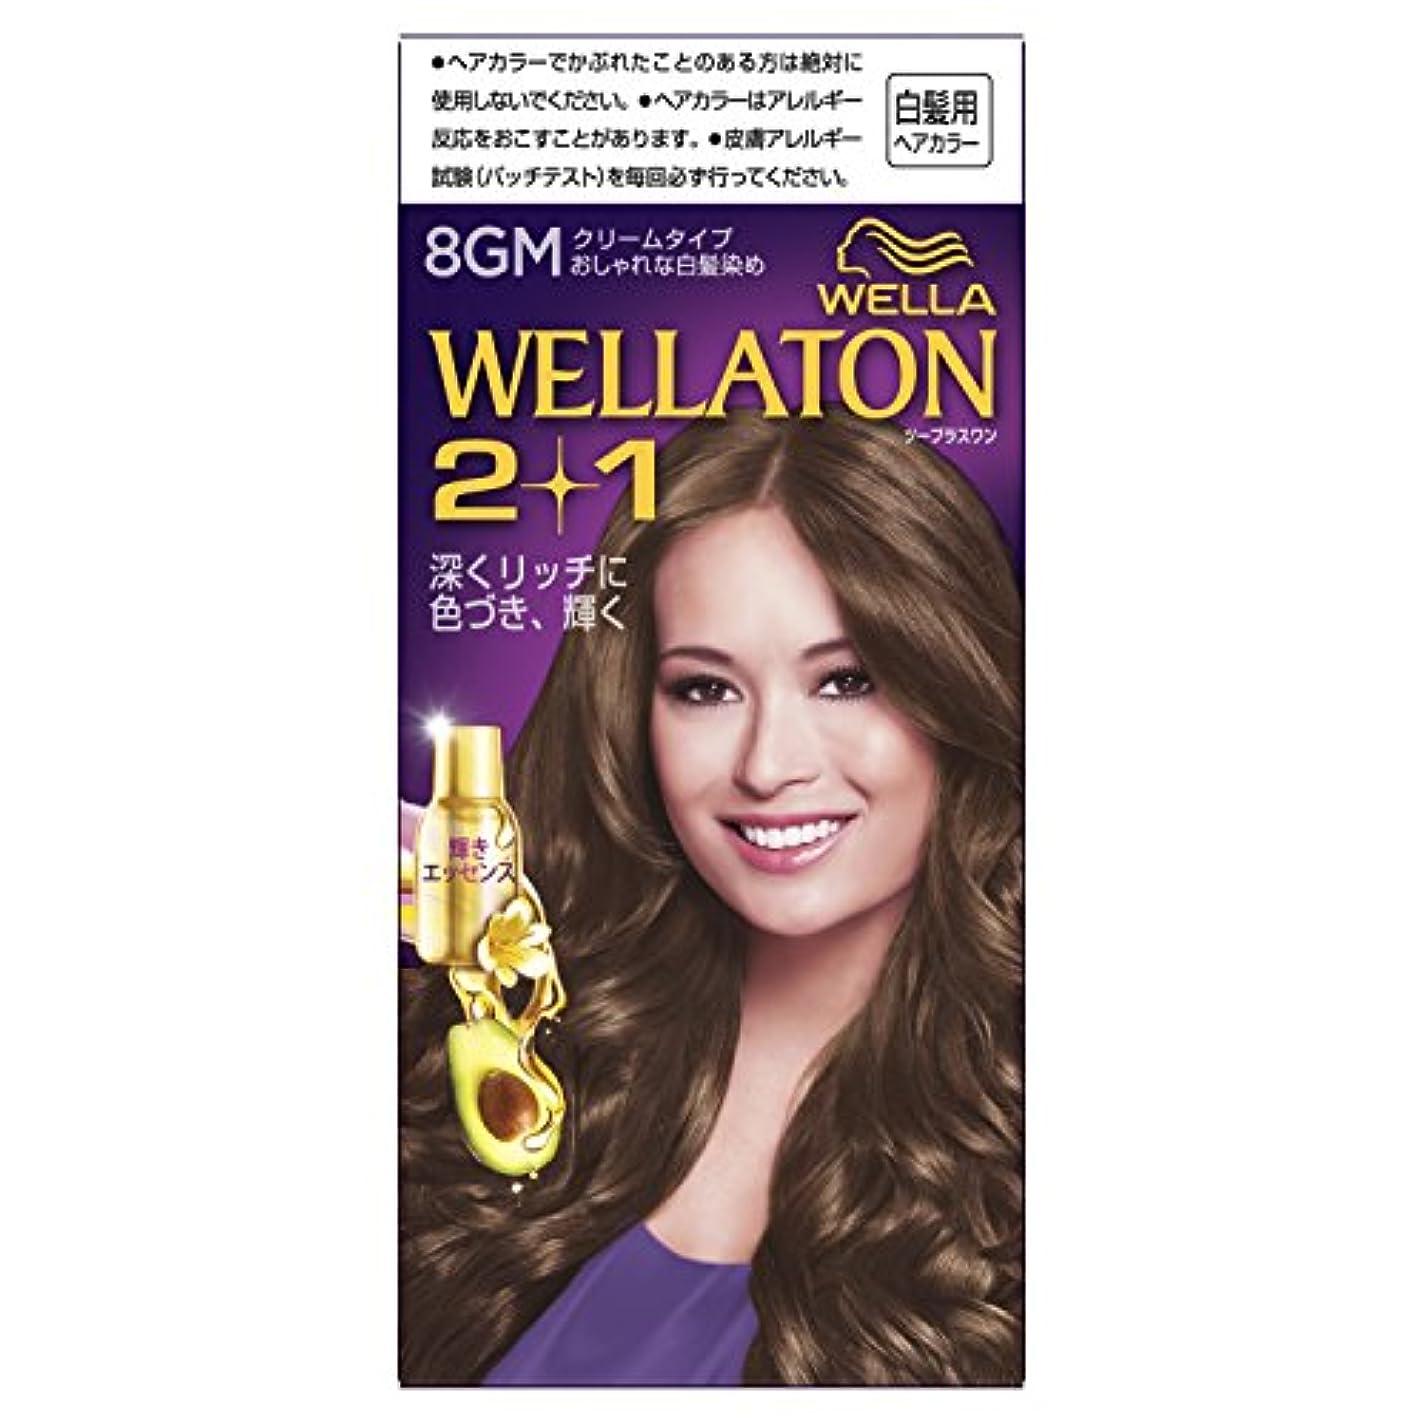 ソフィー約束する器具ウエラトーン2+1 クリームタイプ 8GM [医薬部外品](おしゃれな白髪染め)